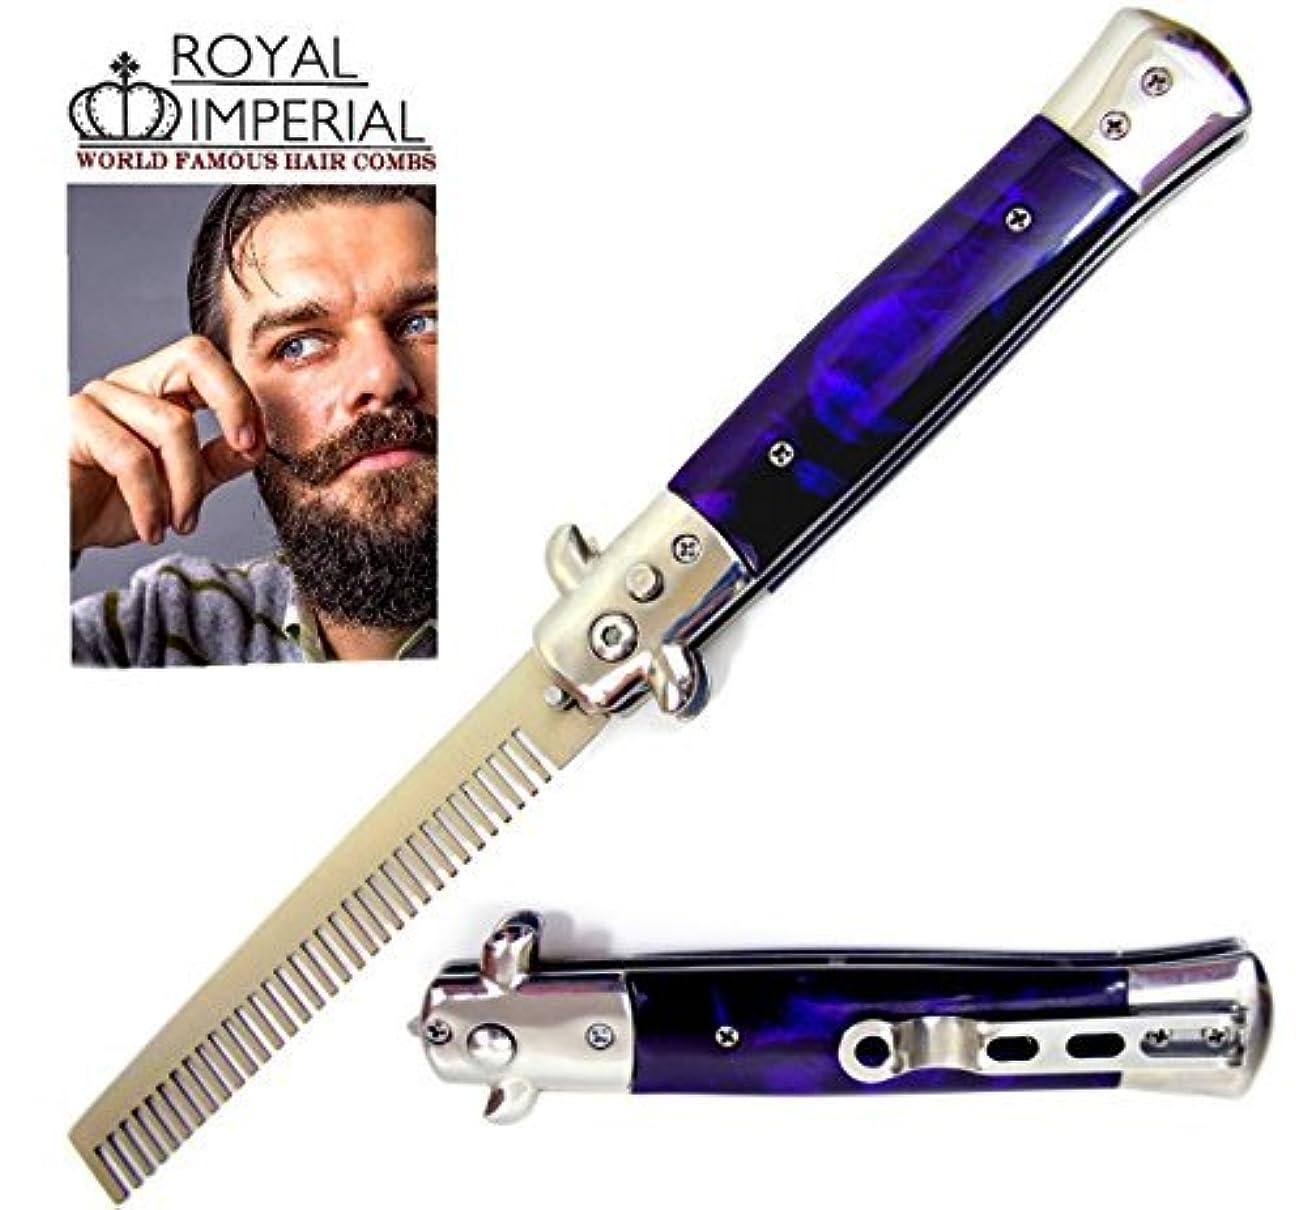 失望させる抹消差別化するRoyal Imperial Metal Switchblade Pocket Folding Flick Hair Comb For Beard, Mustache, Head PURPLE THUNDER Handle...